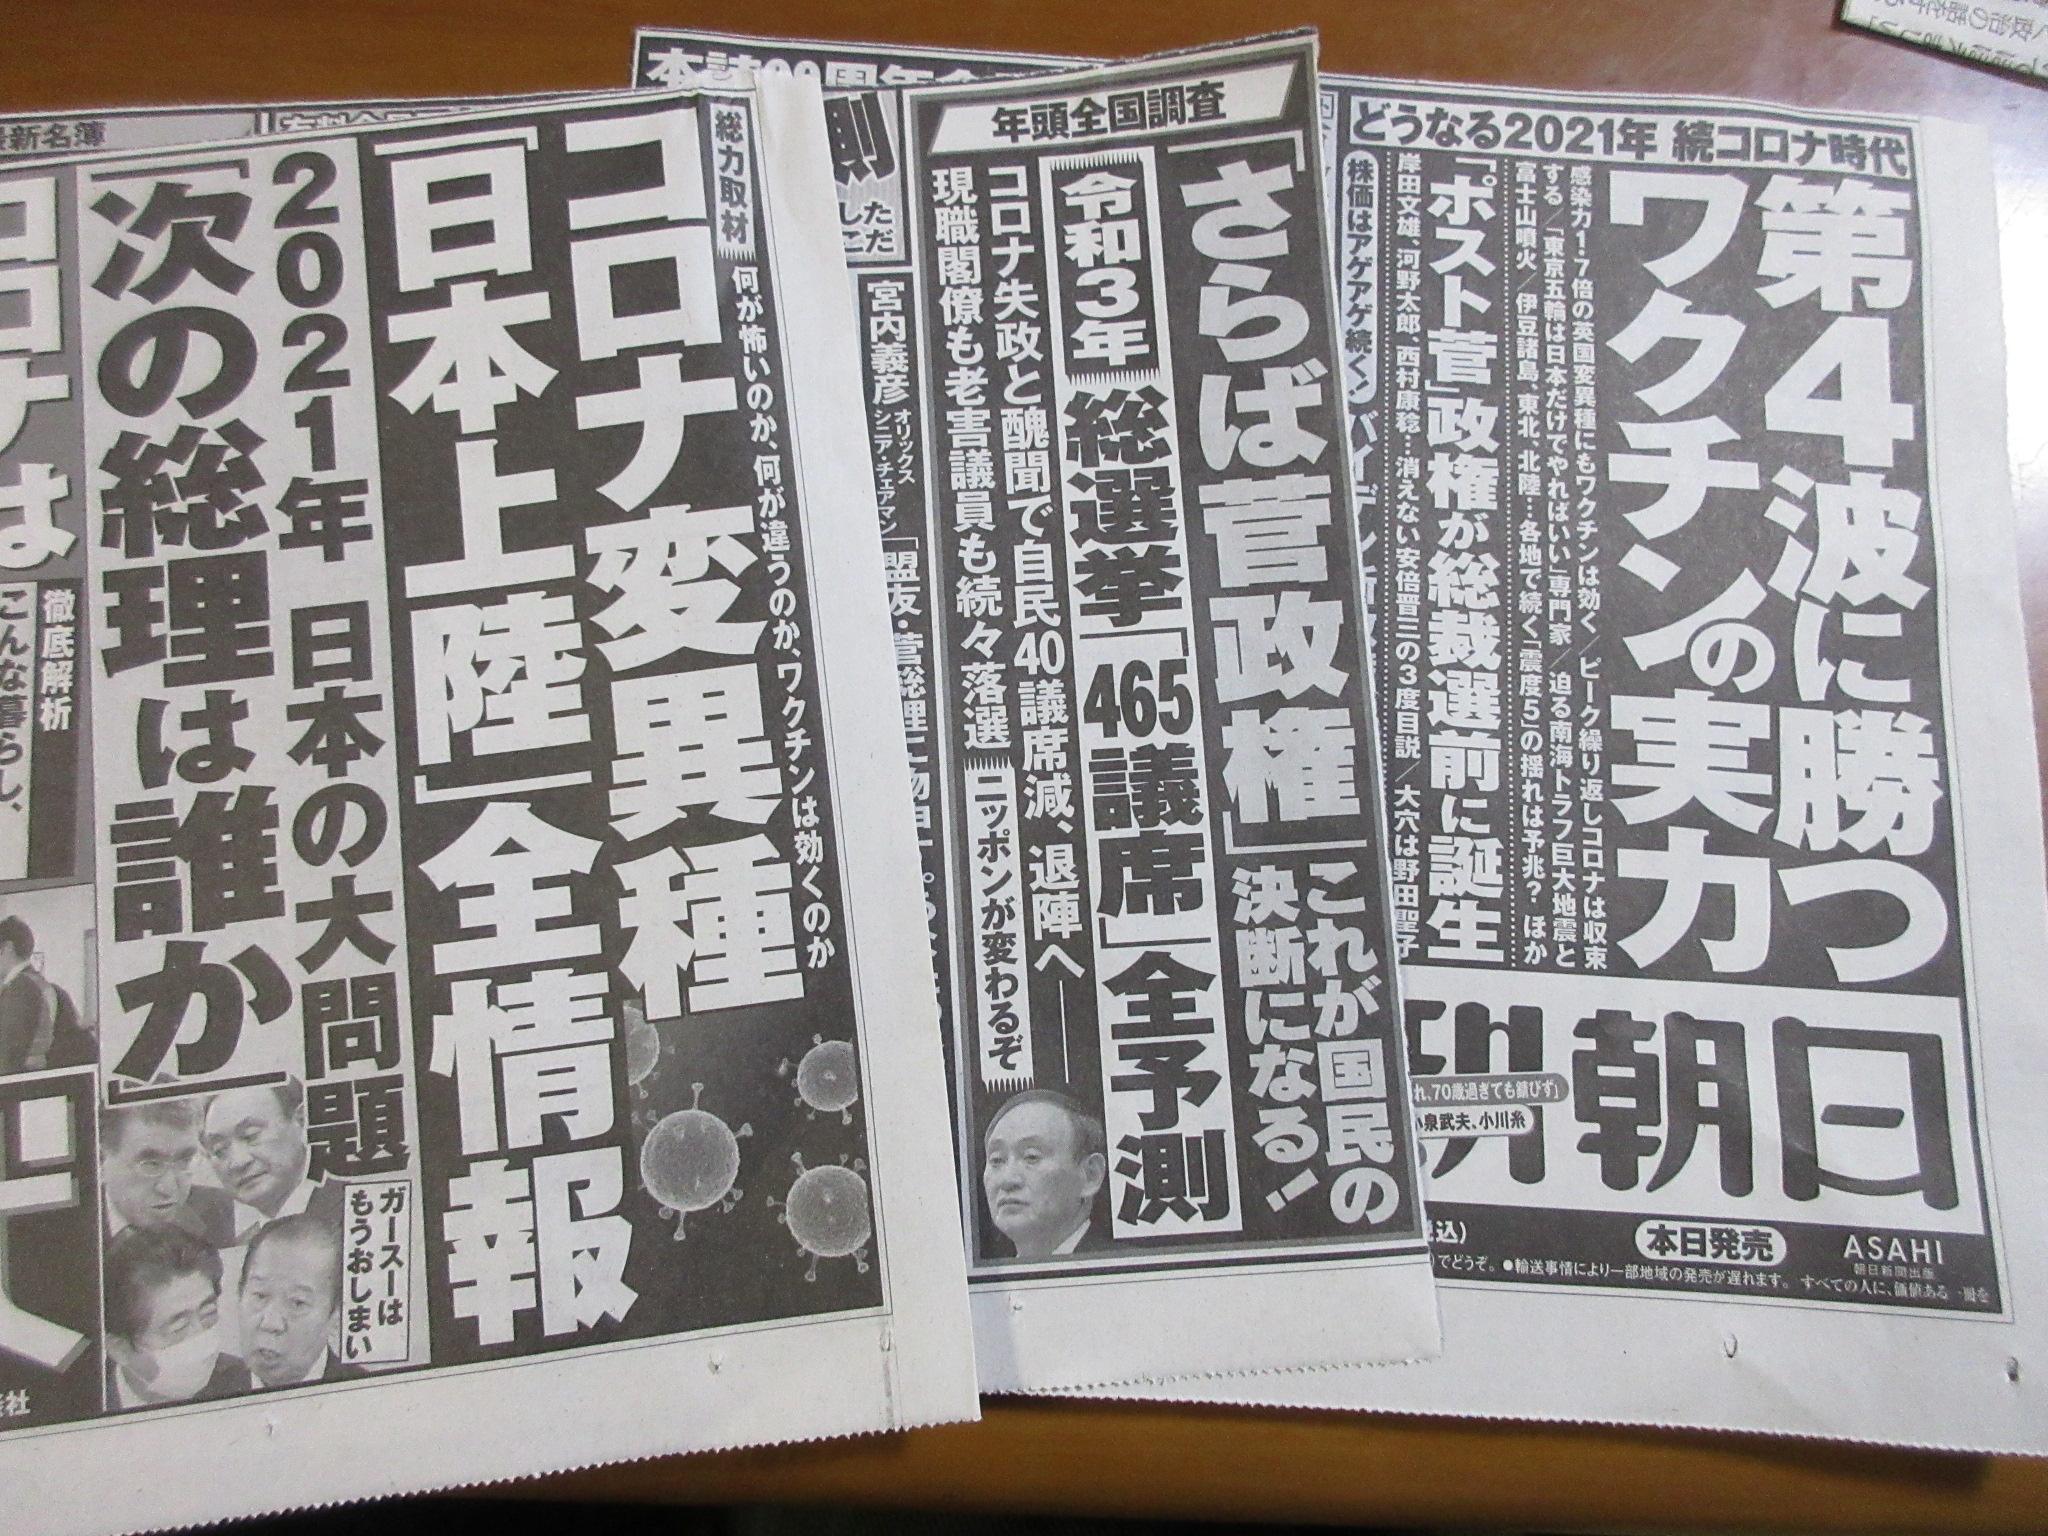 http://www.inoue-satoshi.com/diary/IMG_1859.JPG